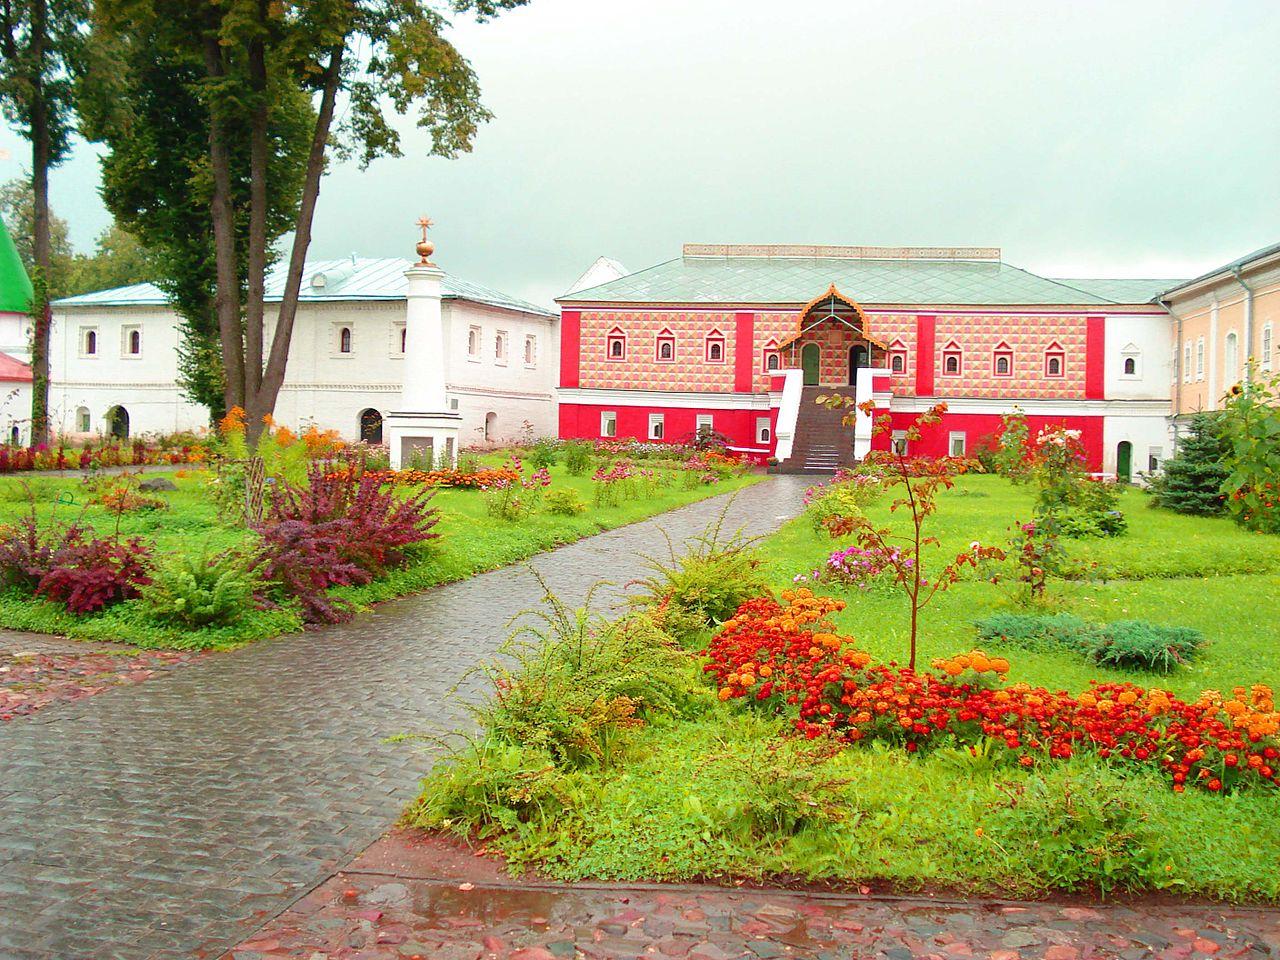 Ипатьевский монастырь, место венчания на царство русских царей